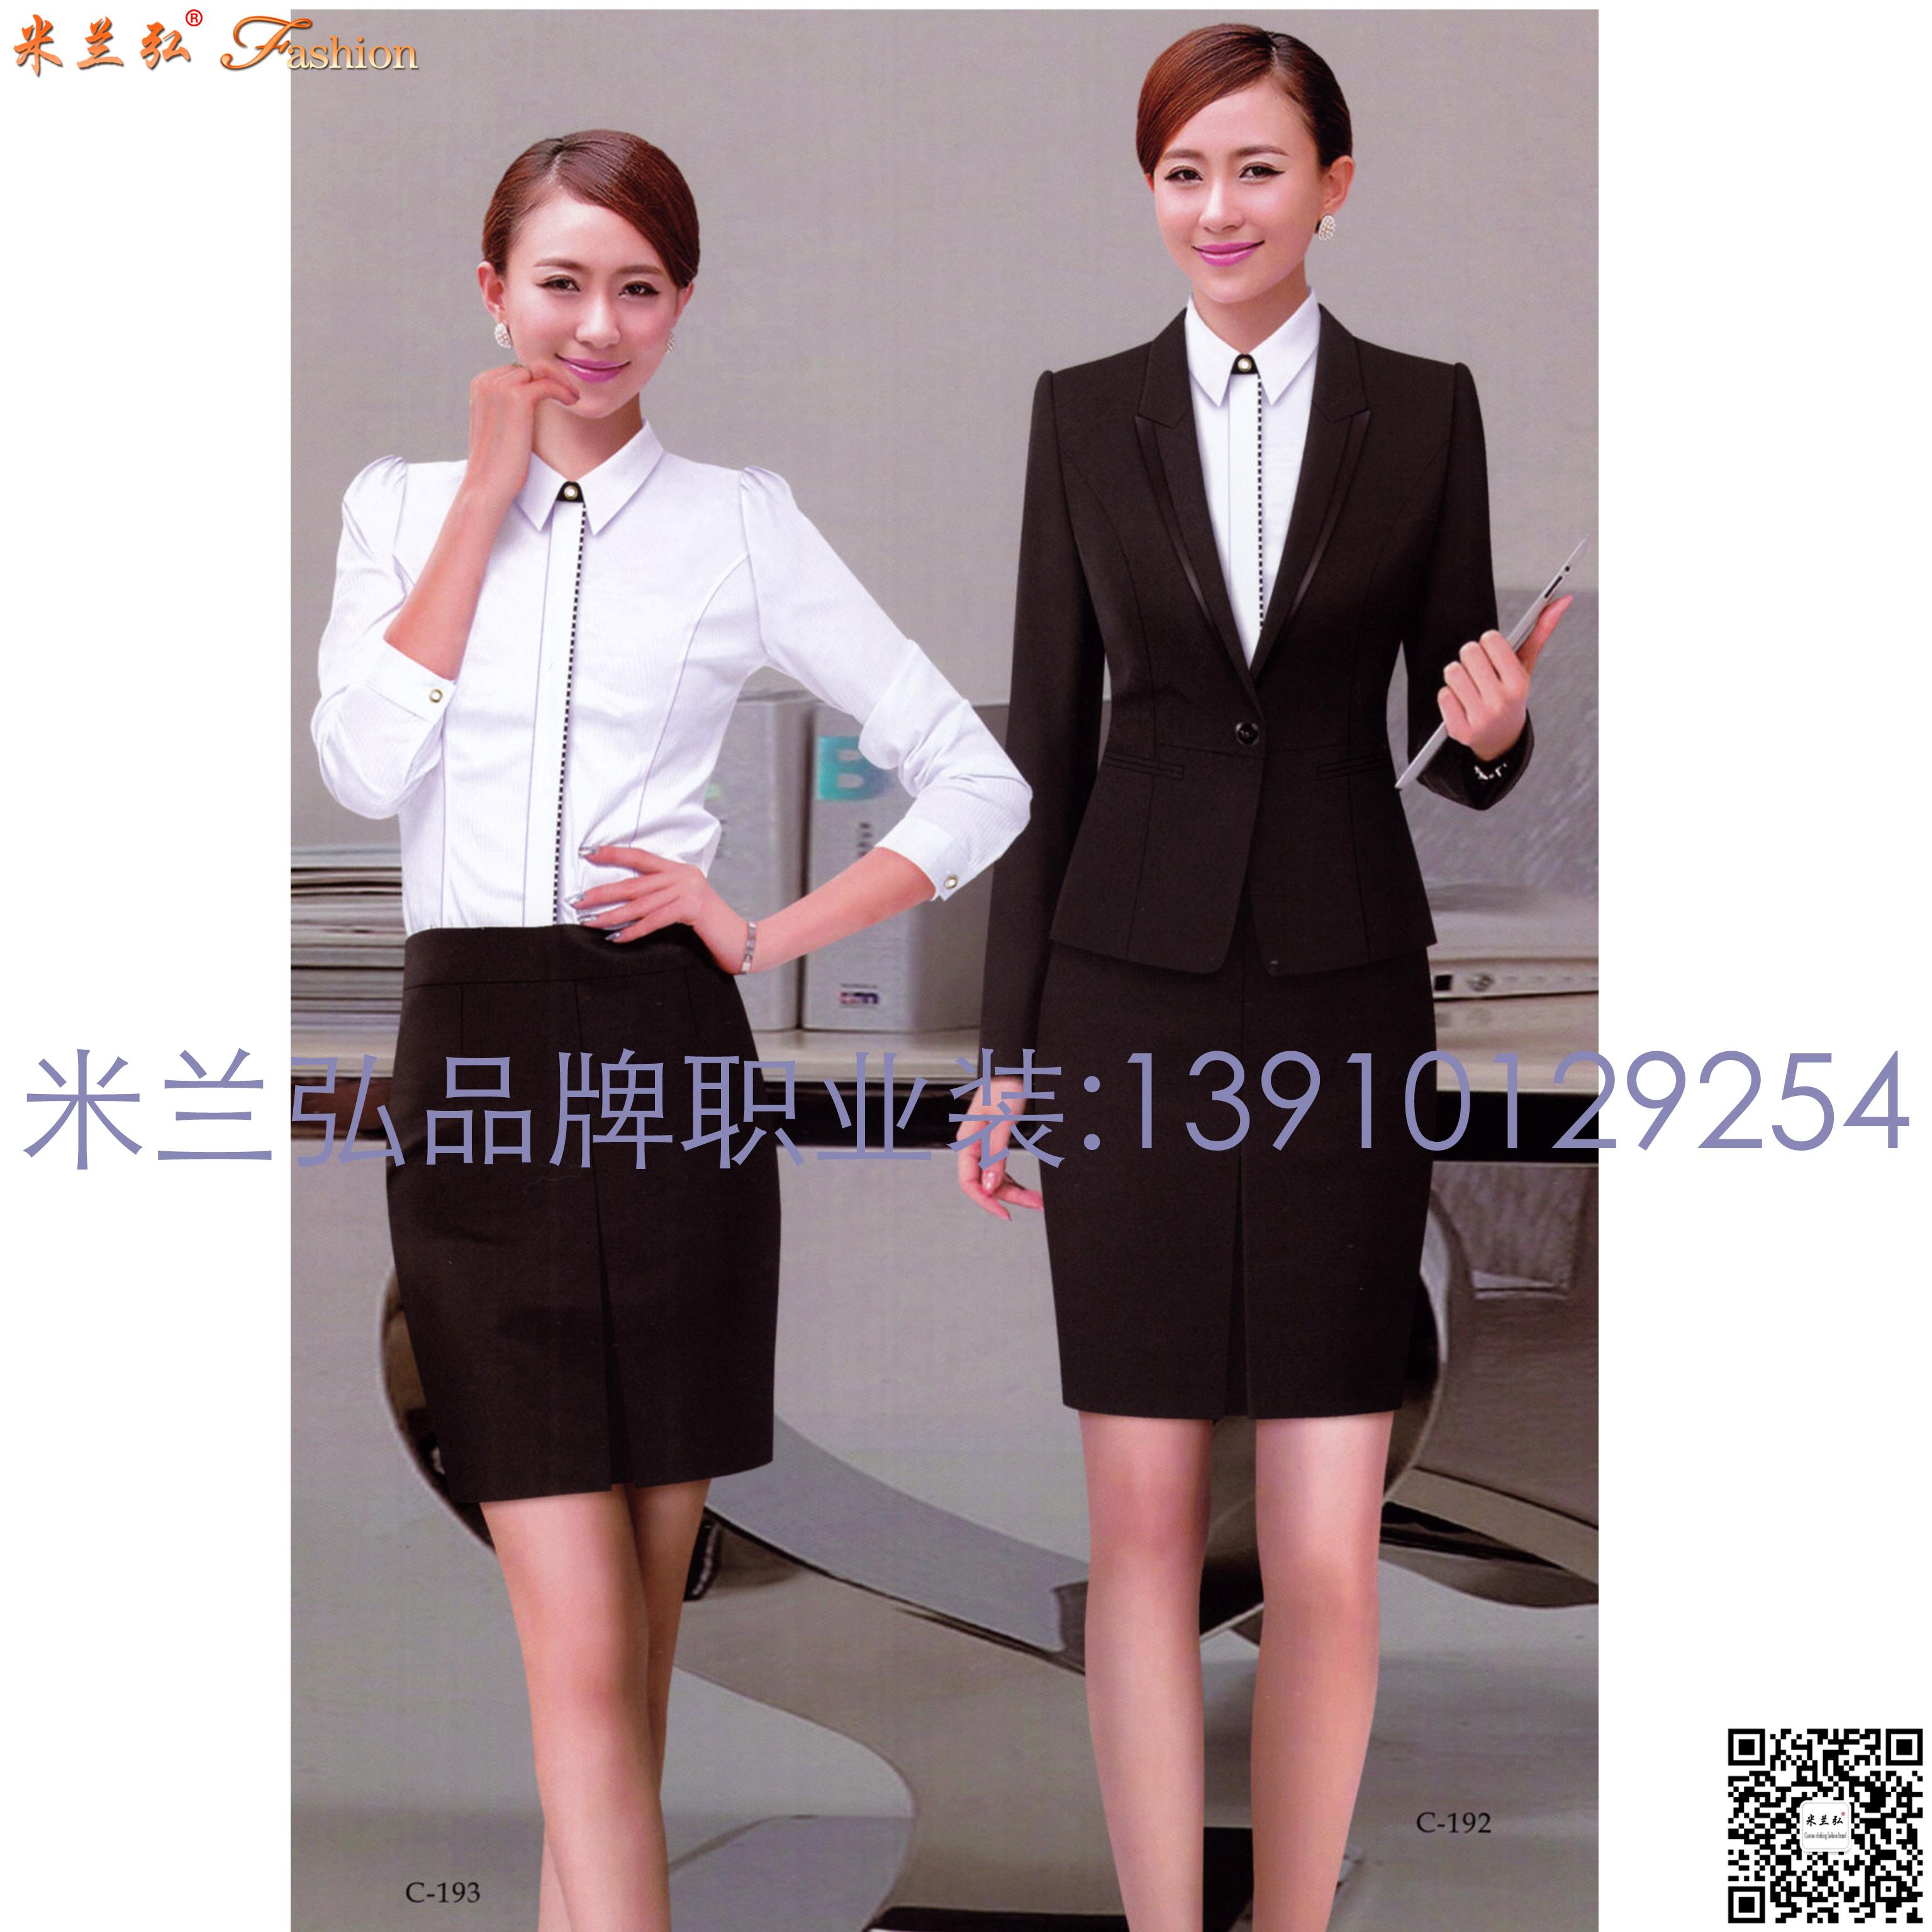 北京哪里可以定做西服北京西服时尚职业装韩版女装量身定做西服办公室制服定做-3